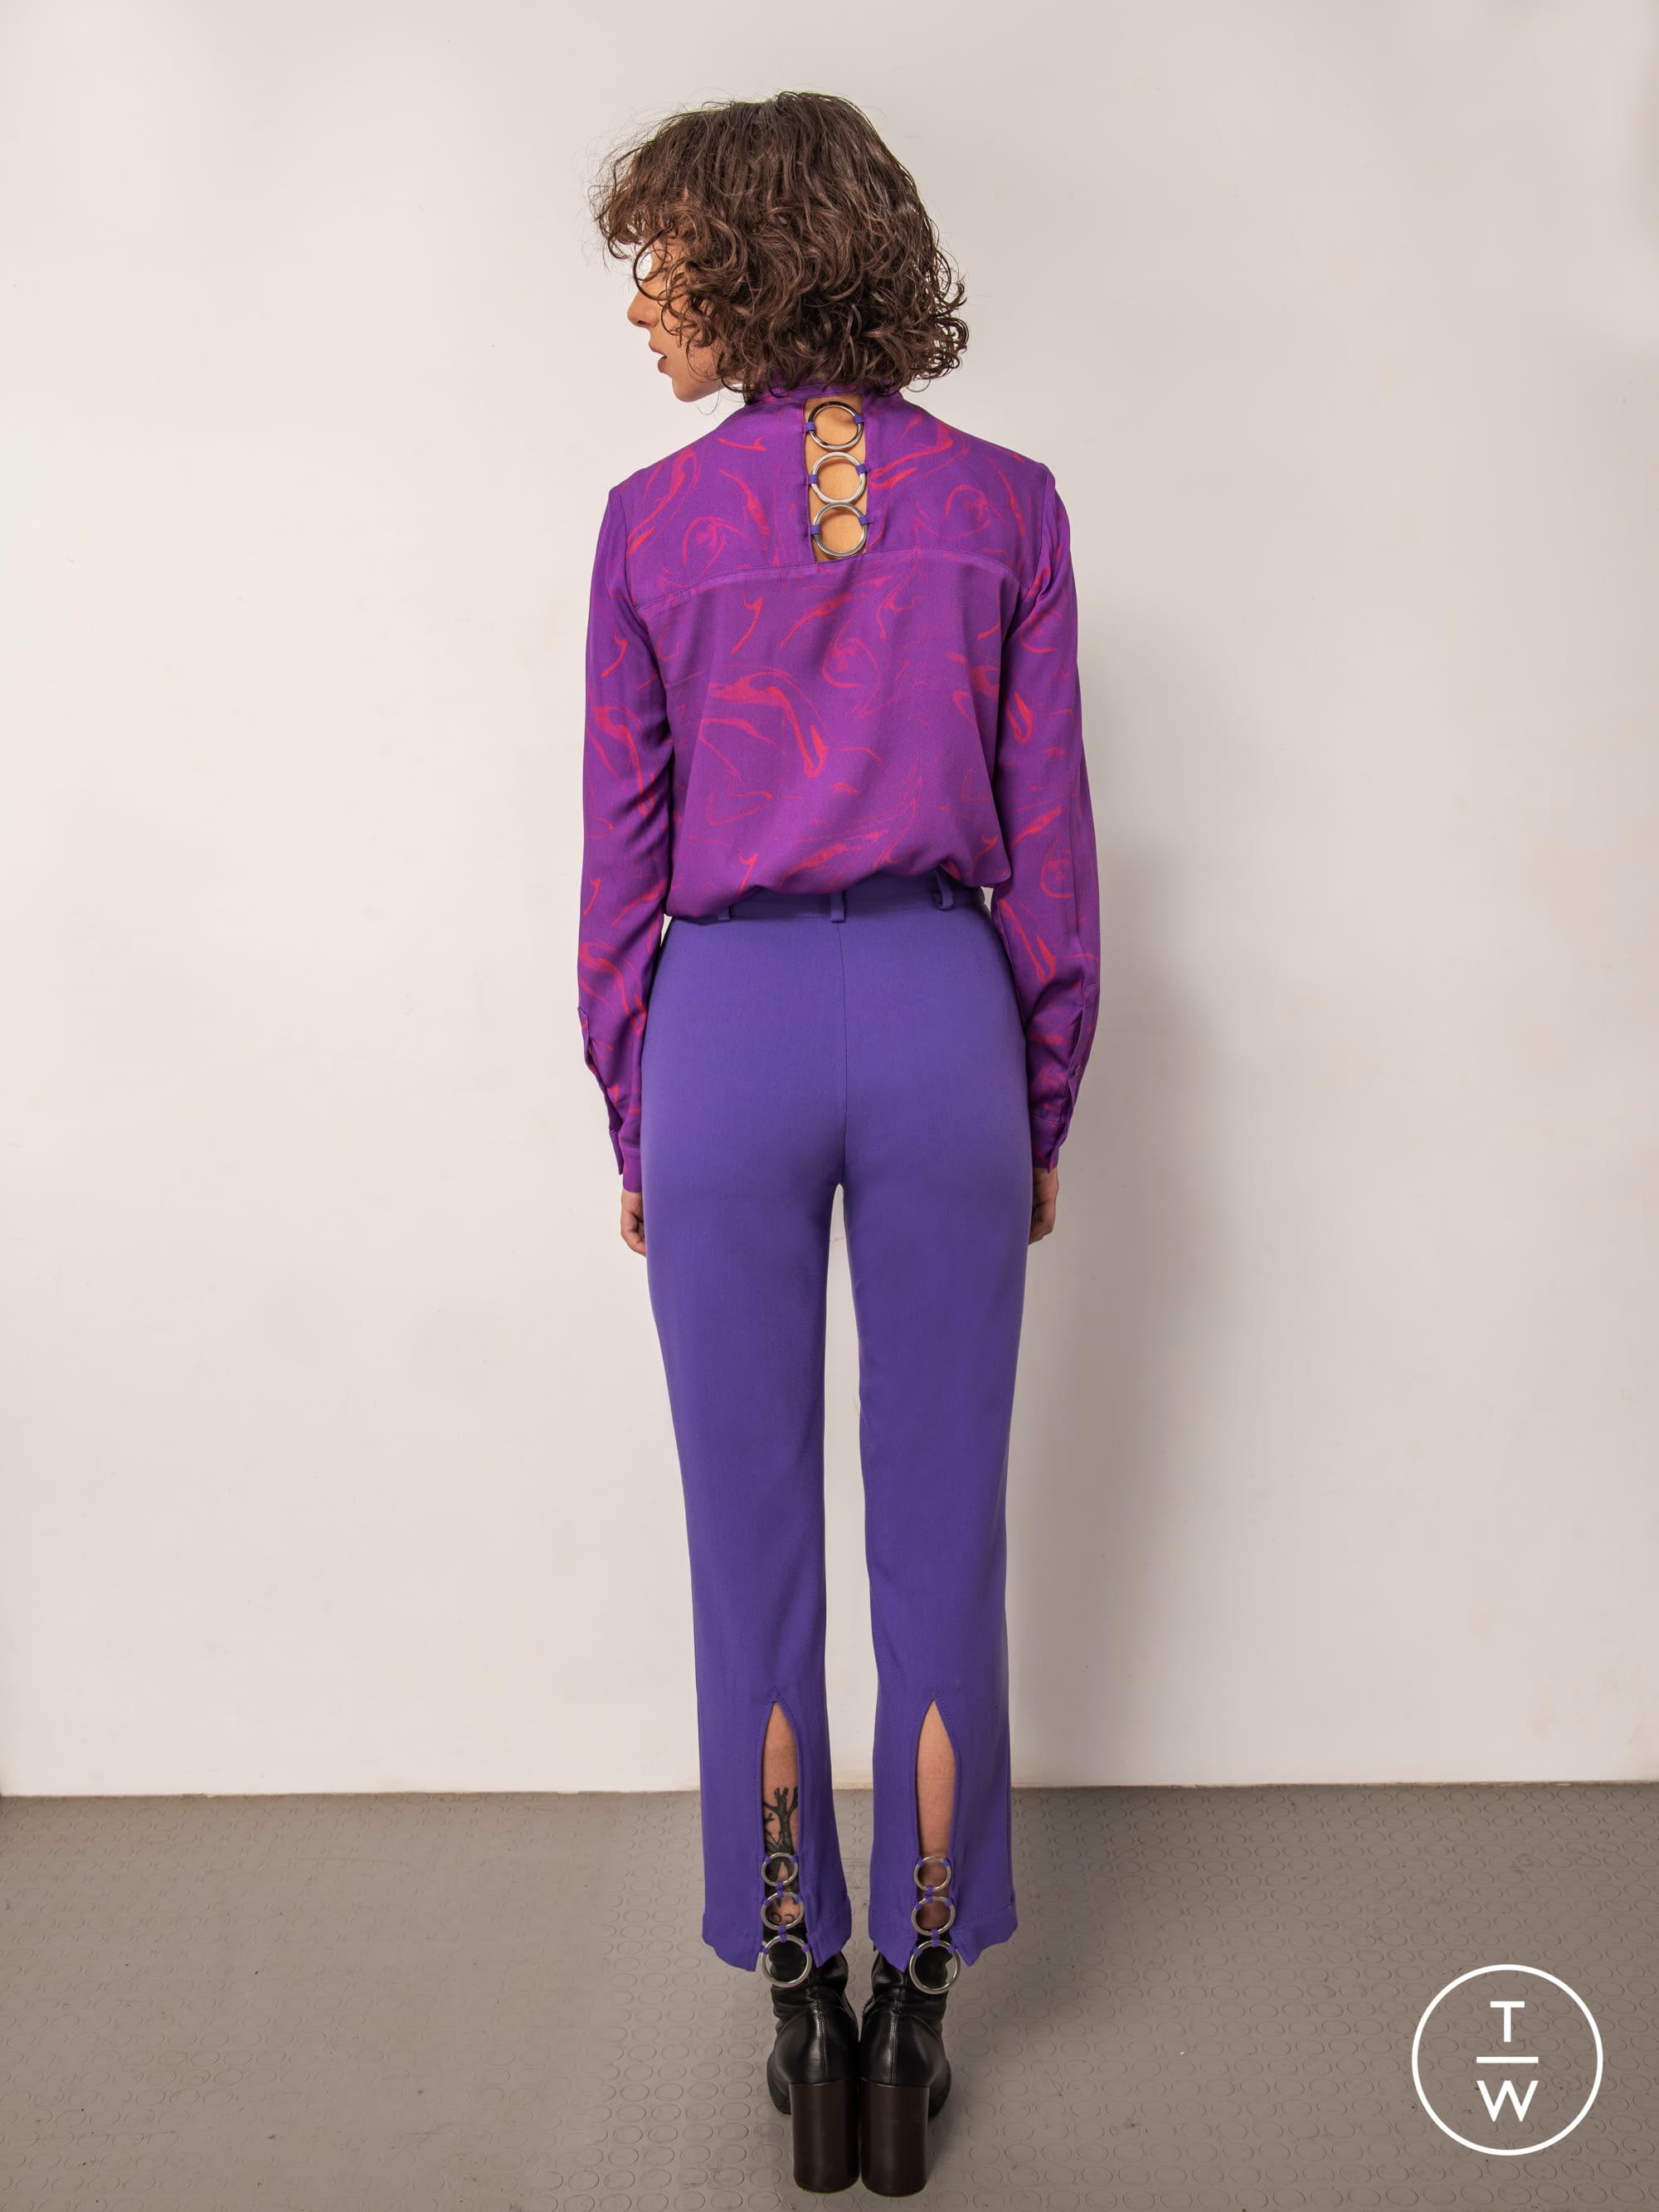 Delicato Colore Viola Pallido bogdar pf19 womenswear #20 - the fashion search engine - tagwalk